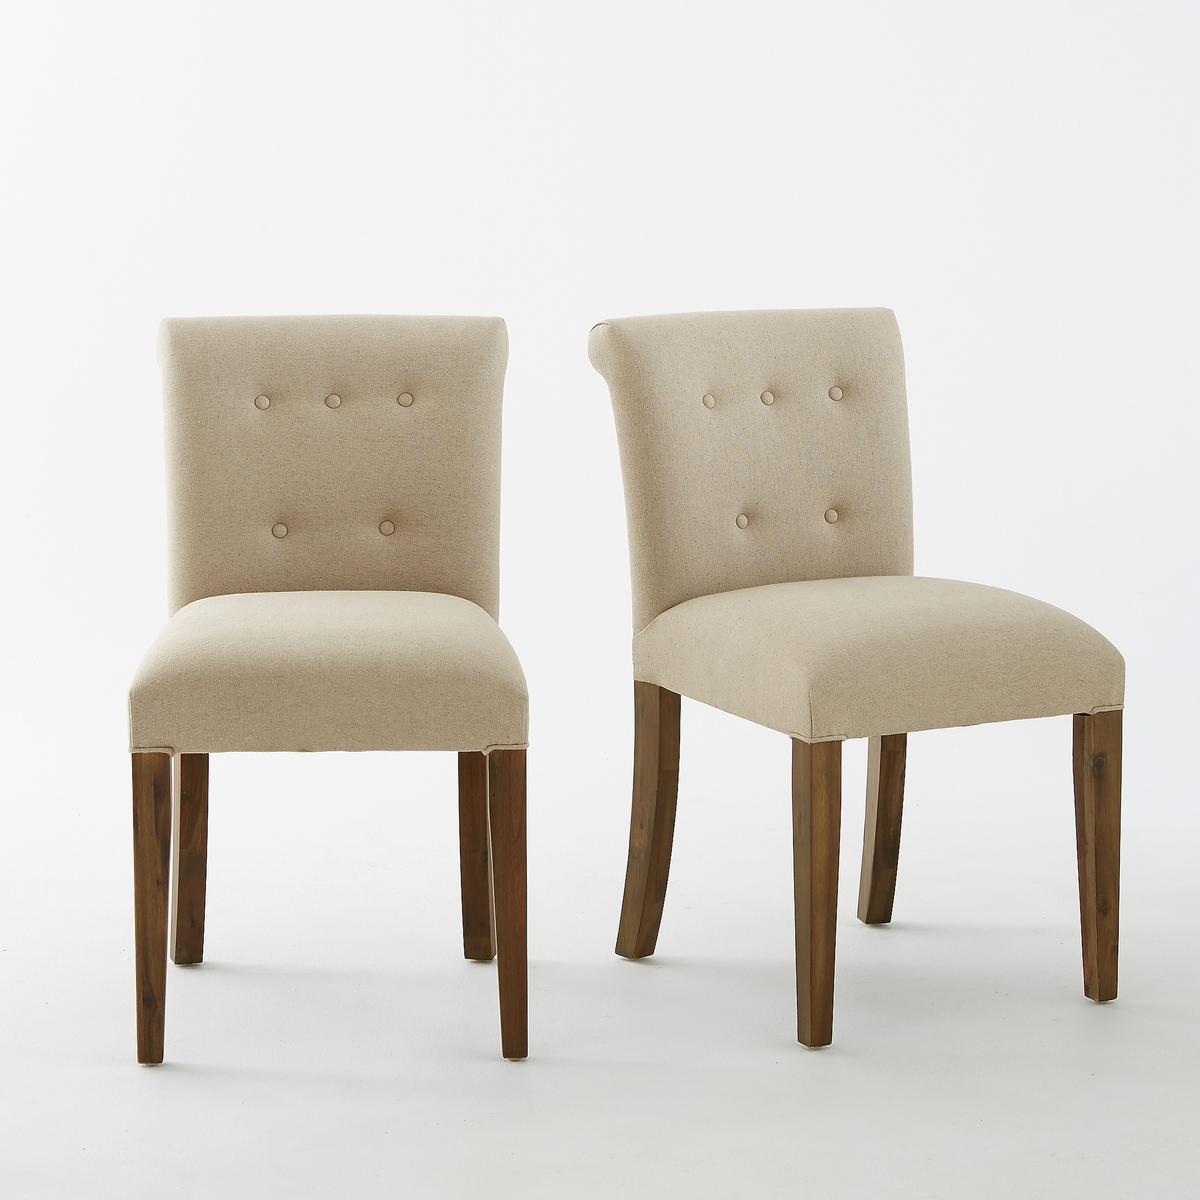 2 стула La Redoute С обитой спинкой Adlia единый размер бежевый